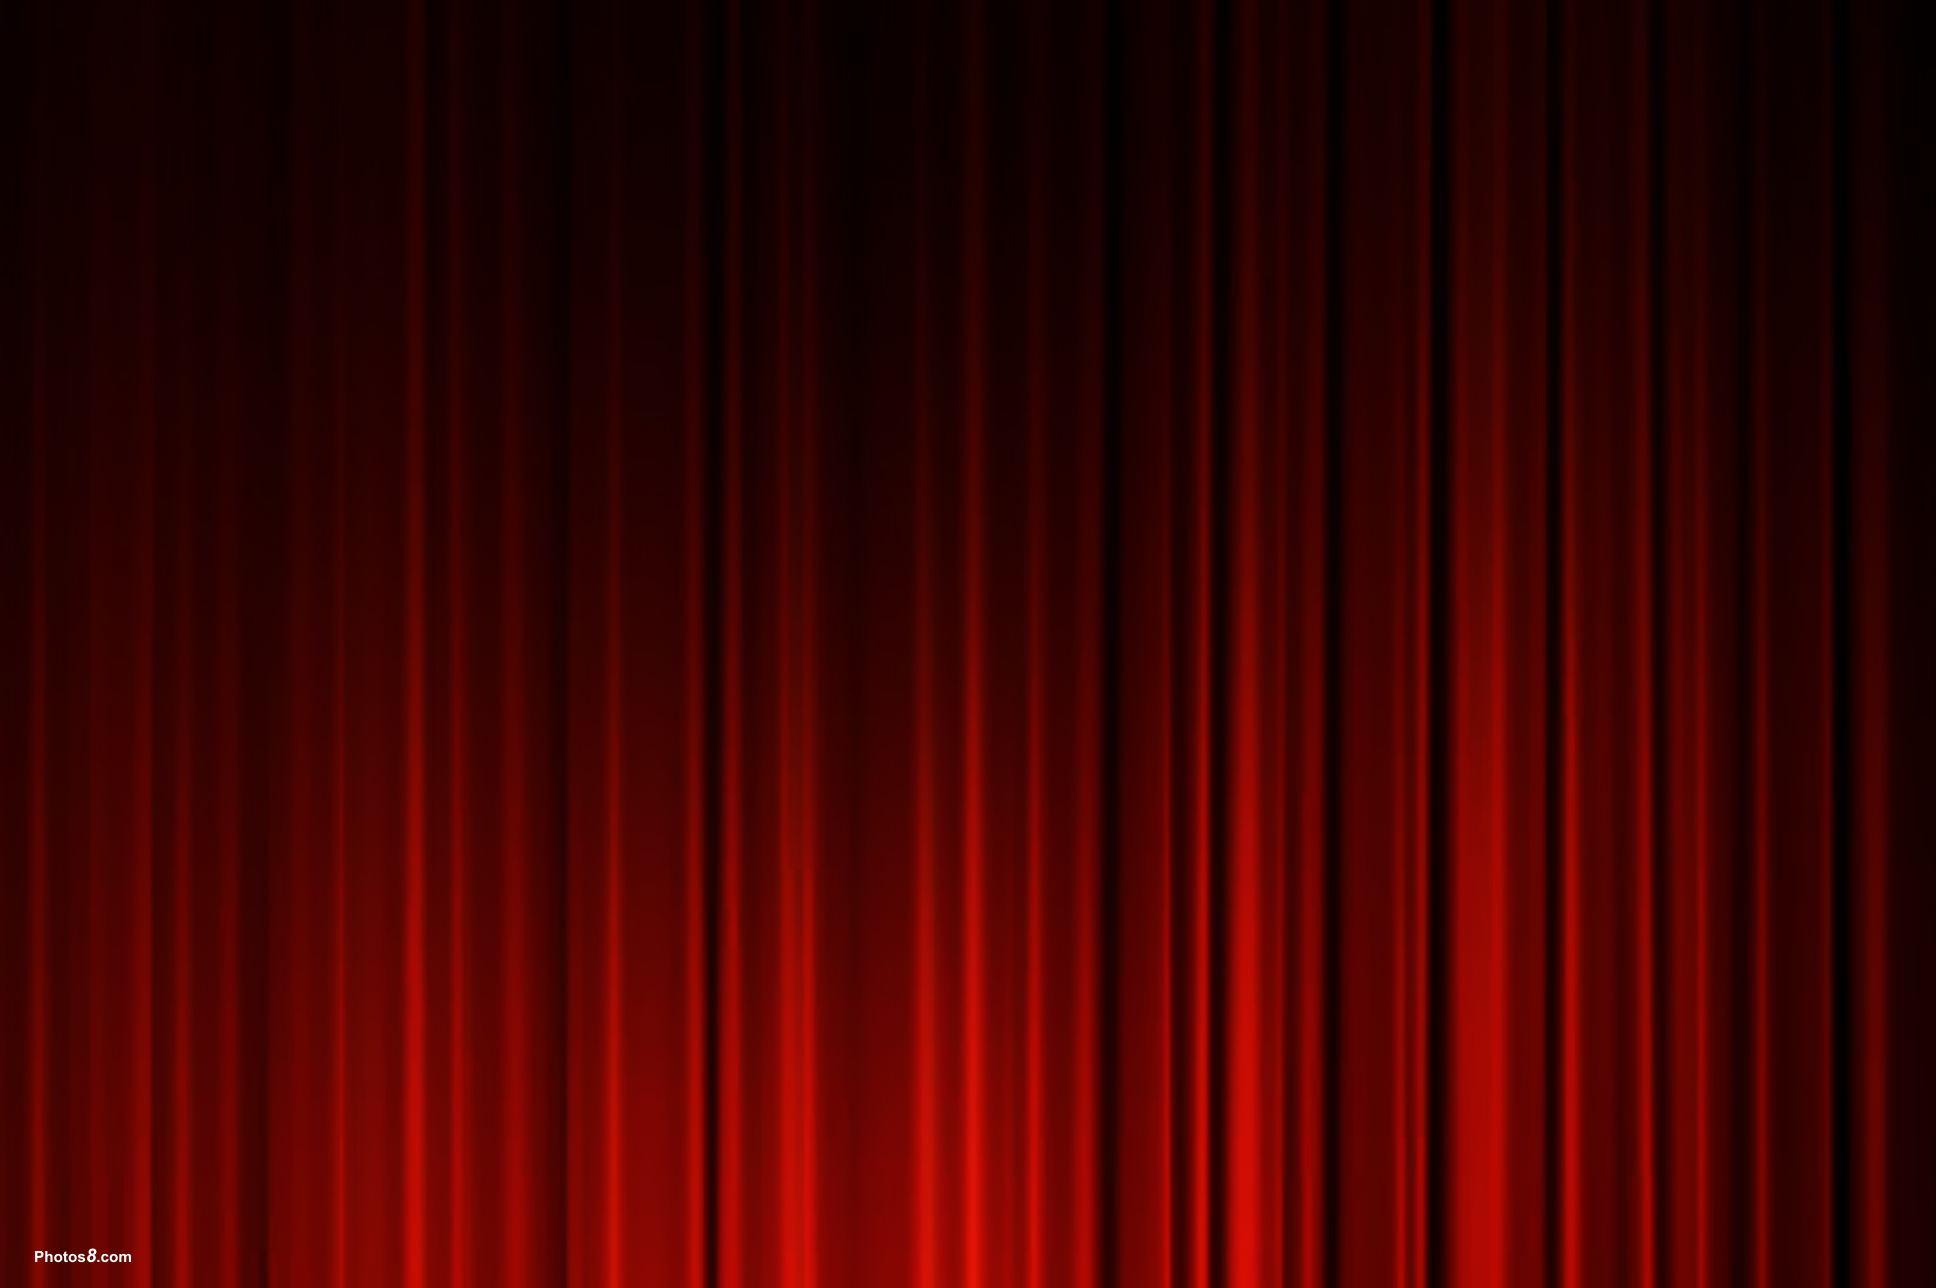 41 Red Curtain Wallpaper On Wallpapersafari